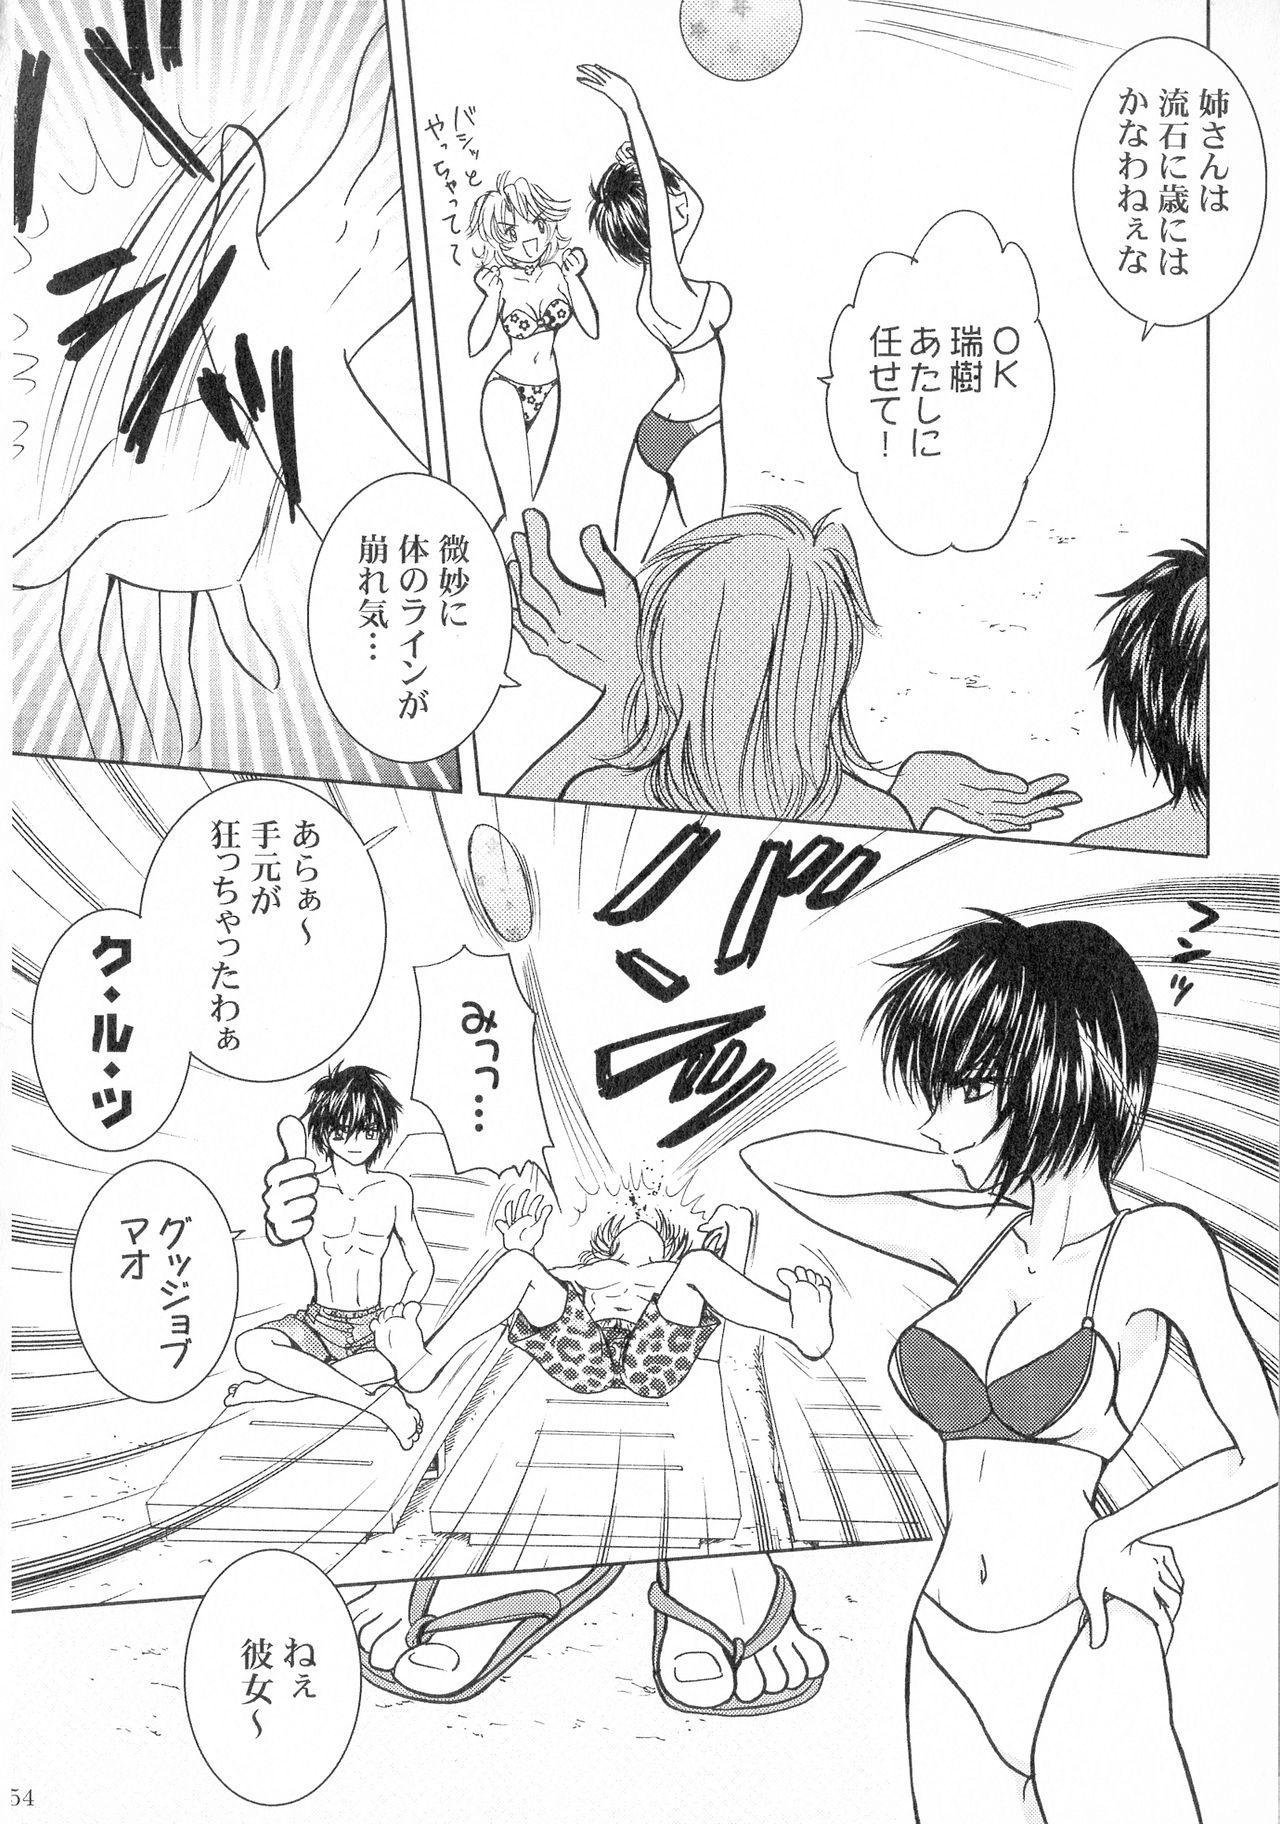 SEXY PANIC Sairoku-shuu VOL.3 53